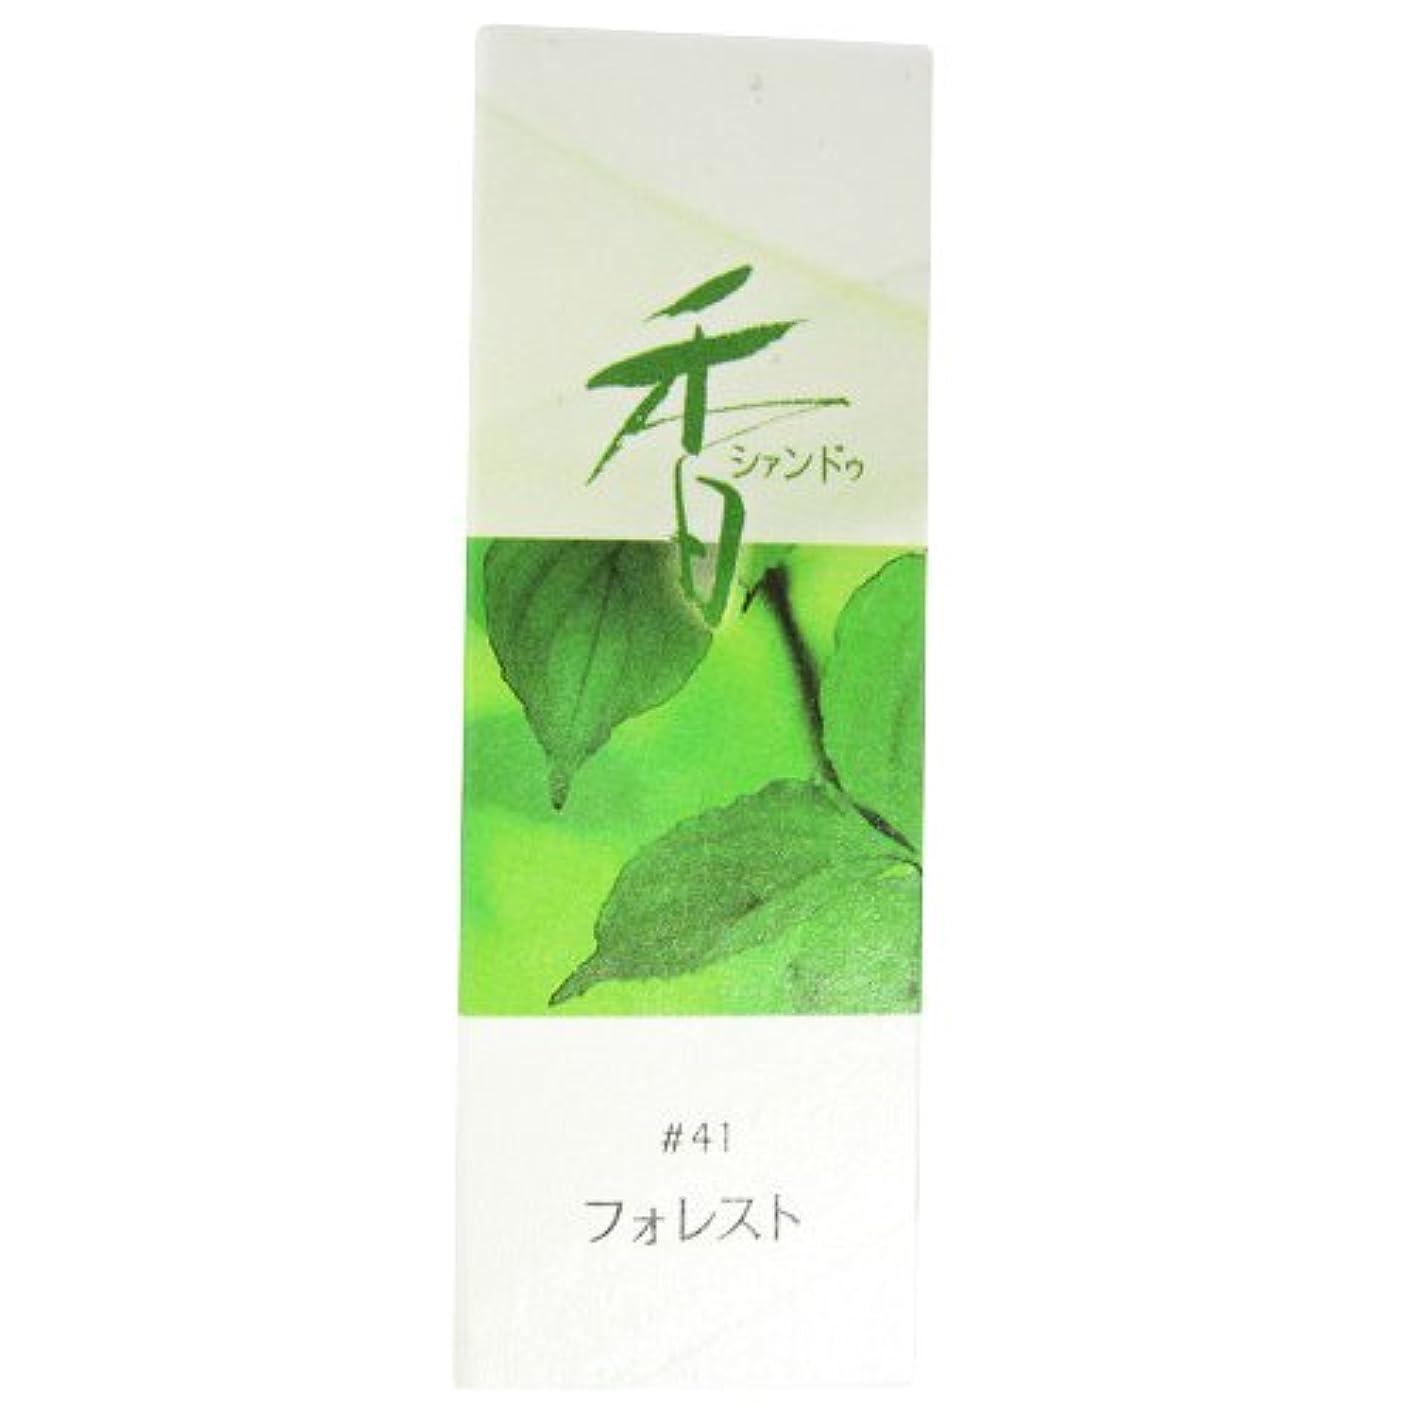 く嵐会話型松栄堂のお香 Xiang Do フォレスト ST20本入 簡易香立付 #214241